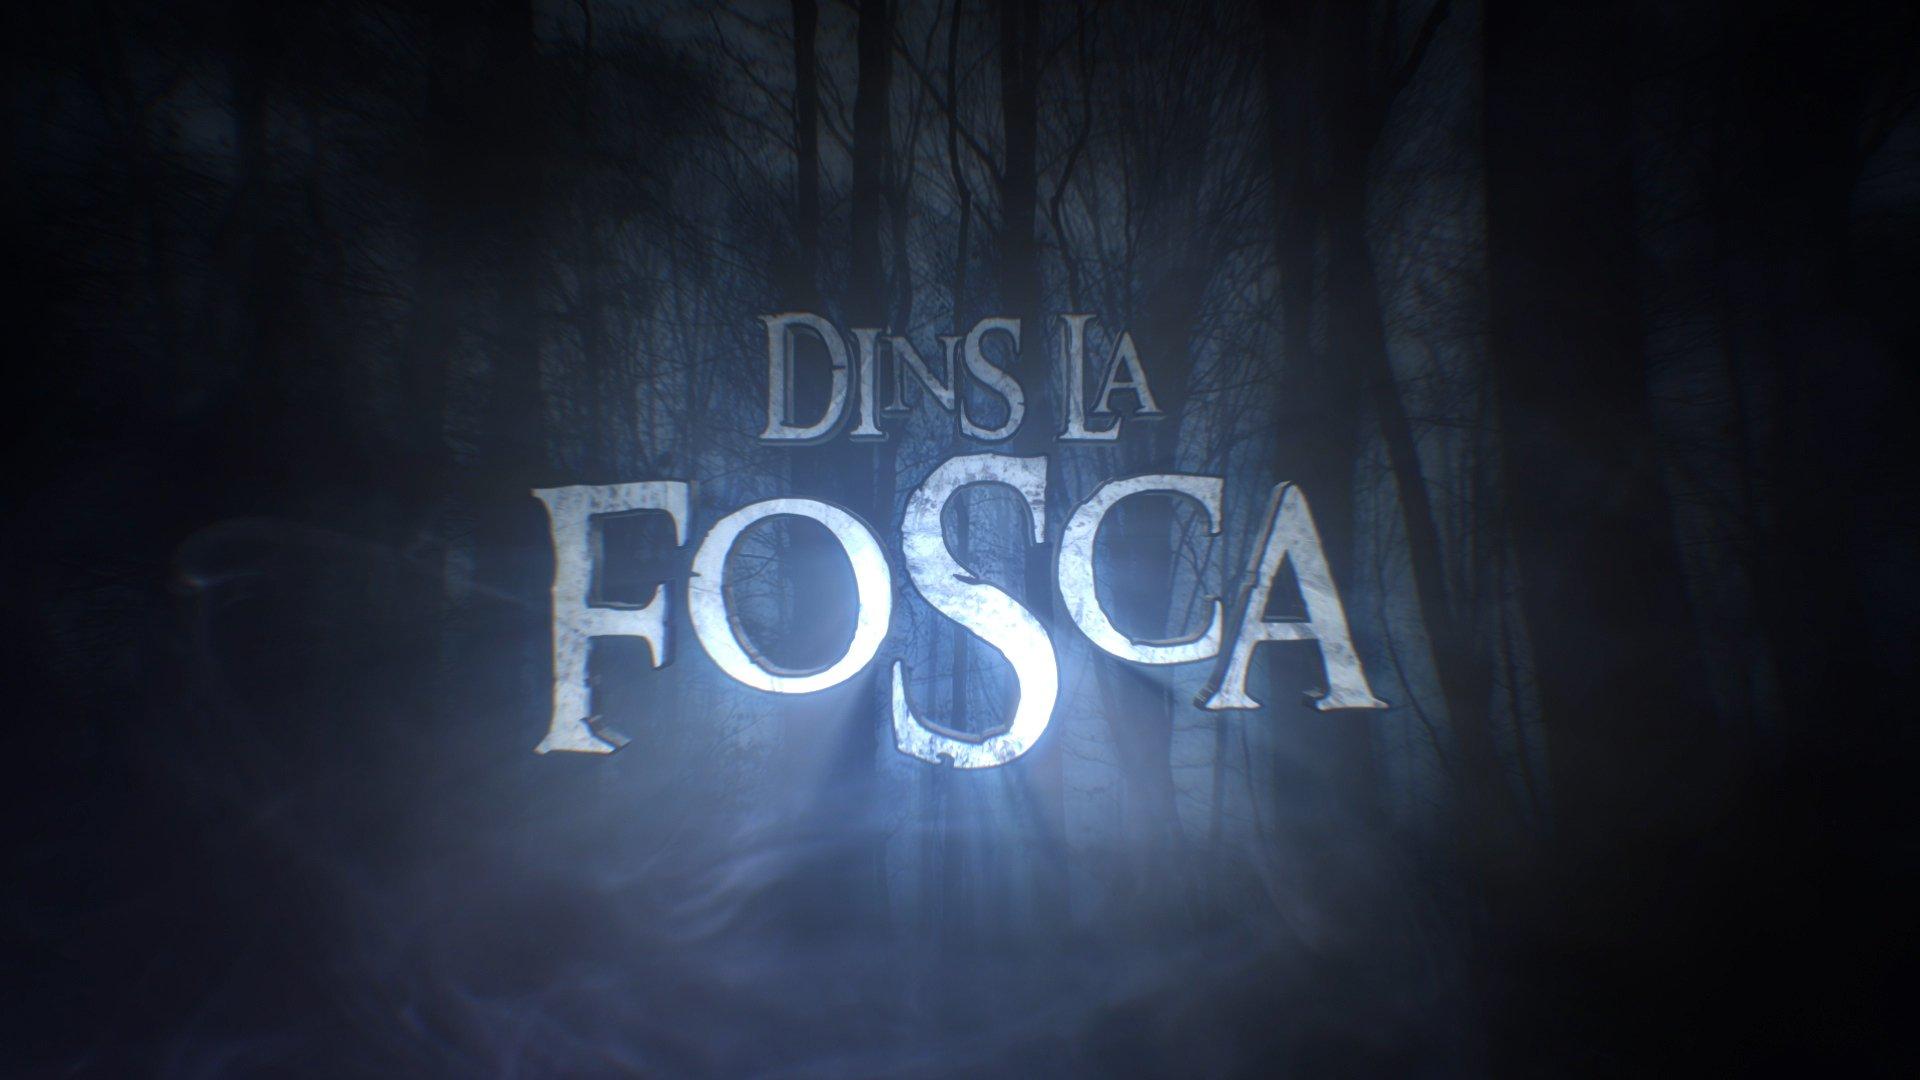 Dins la Fosca - VFX Titles